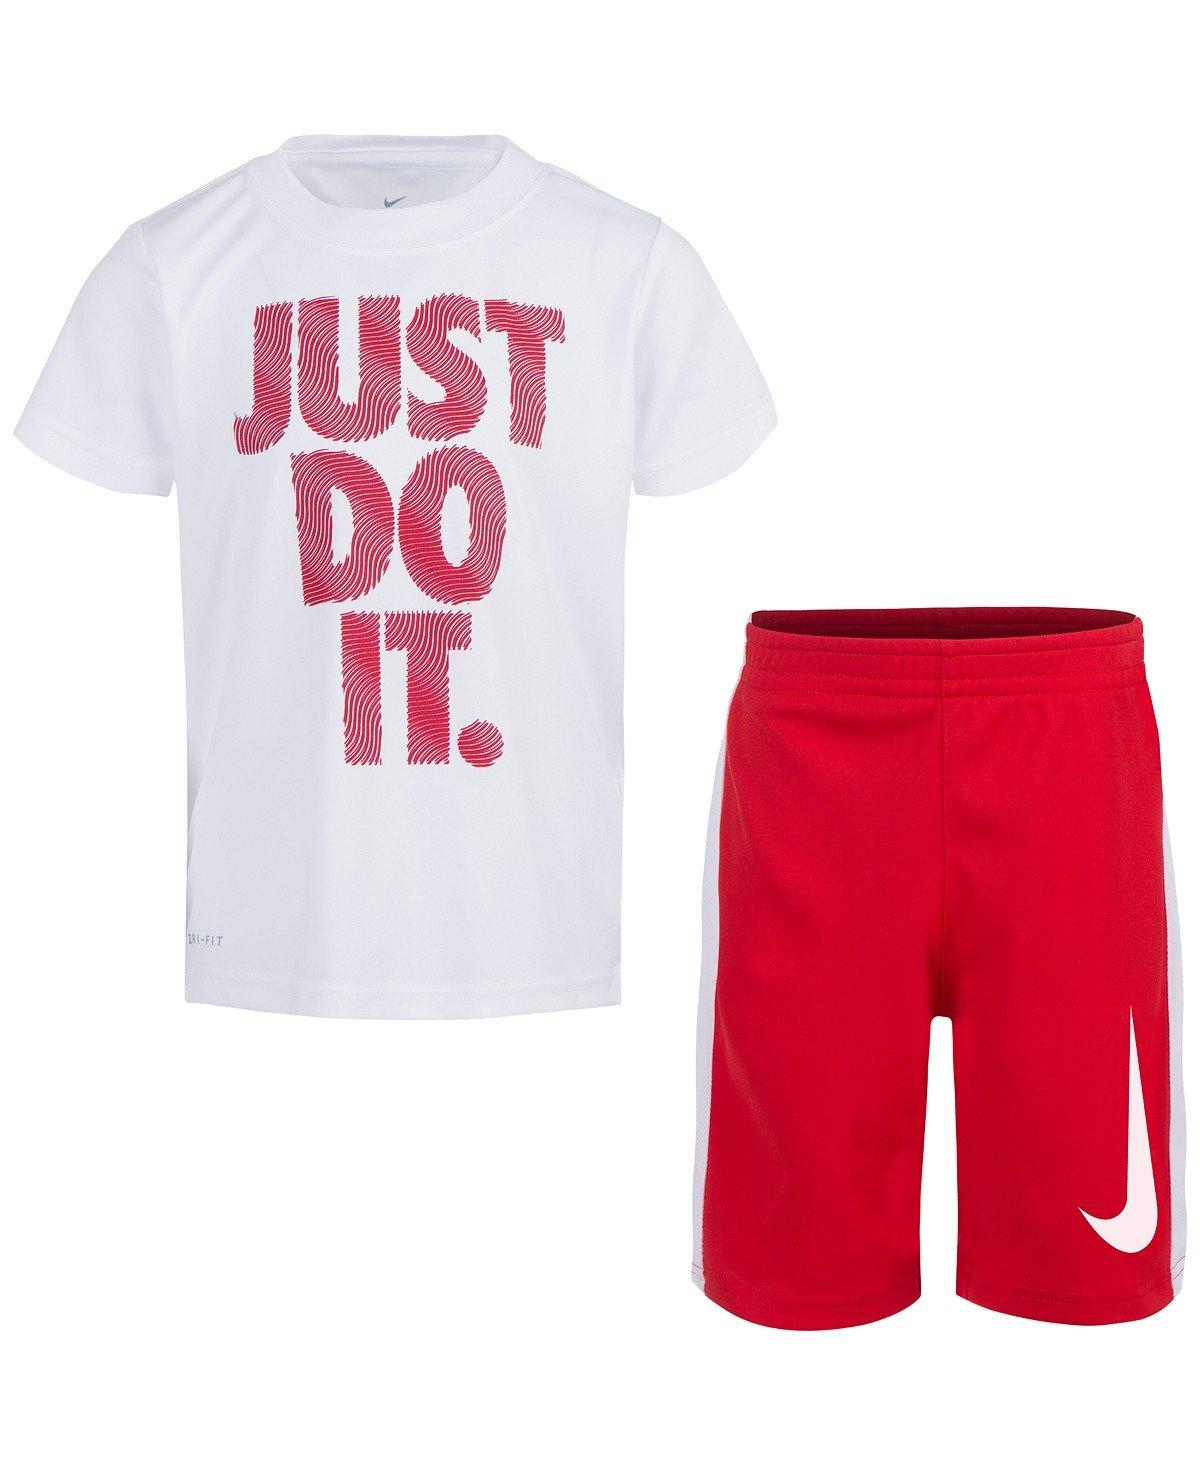 NIKE Toddler Boys Short-Sleeve ''JUST DO IT.'' & Shorts Set (3T)